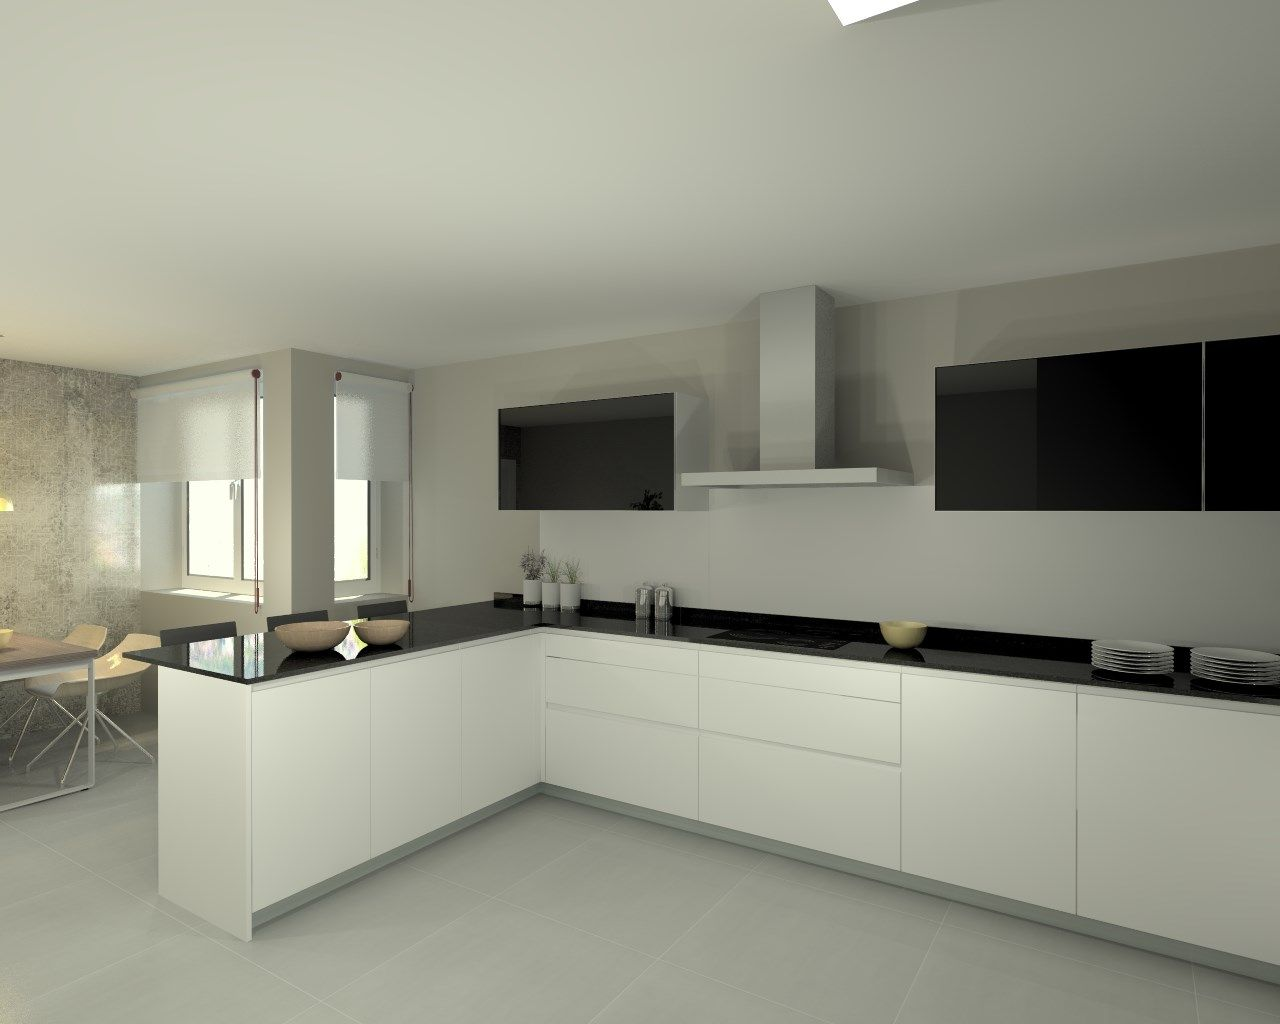 Modelo line e blanco encimera granito negro cocina - Encimera granito blanco ...